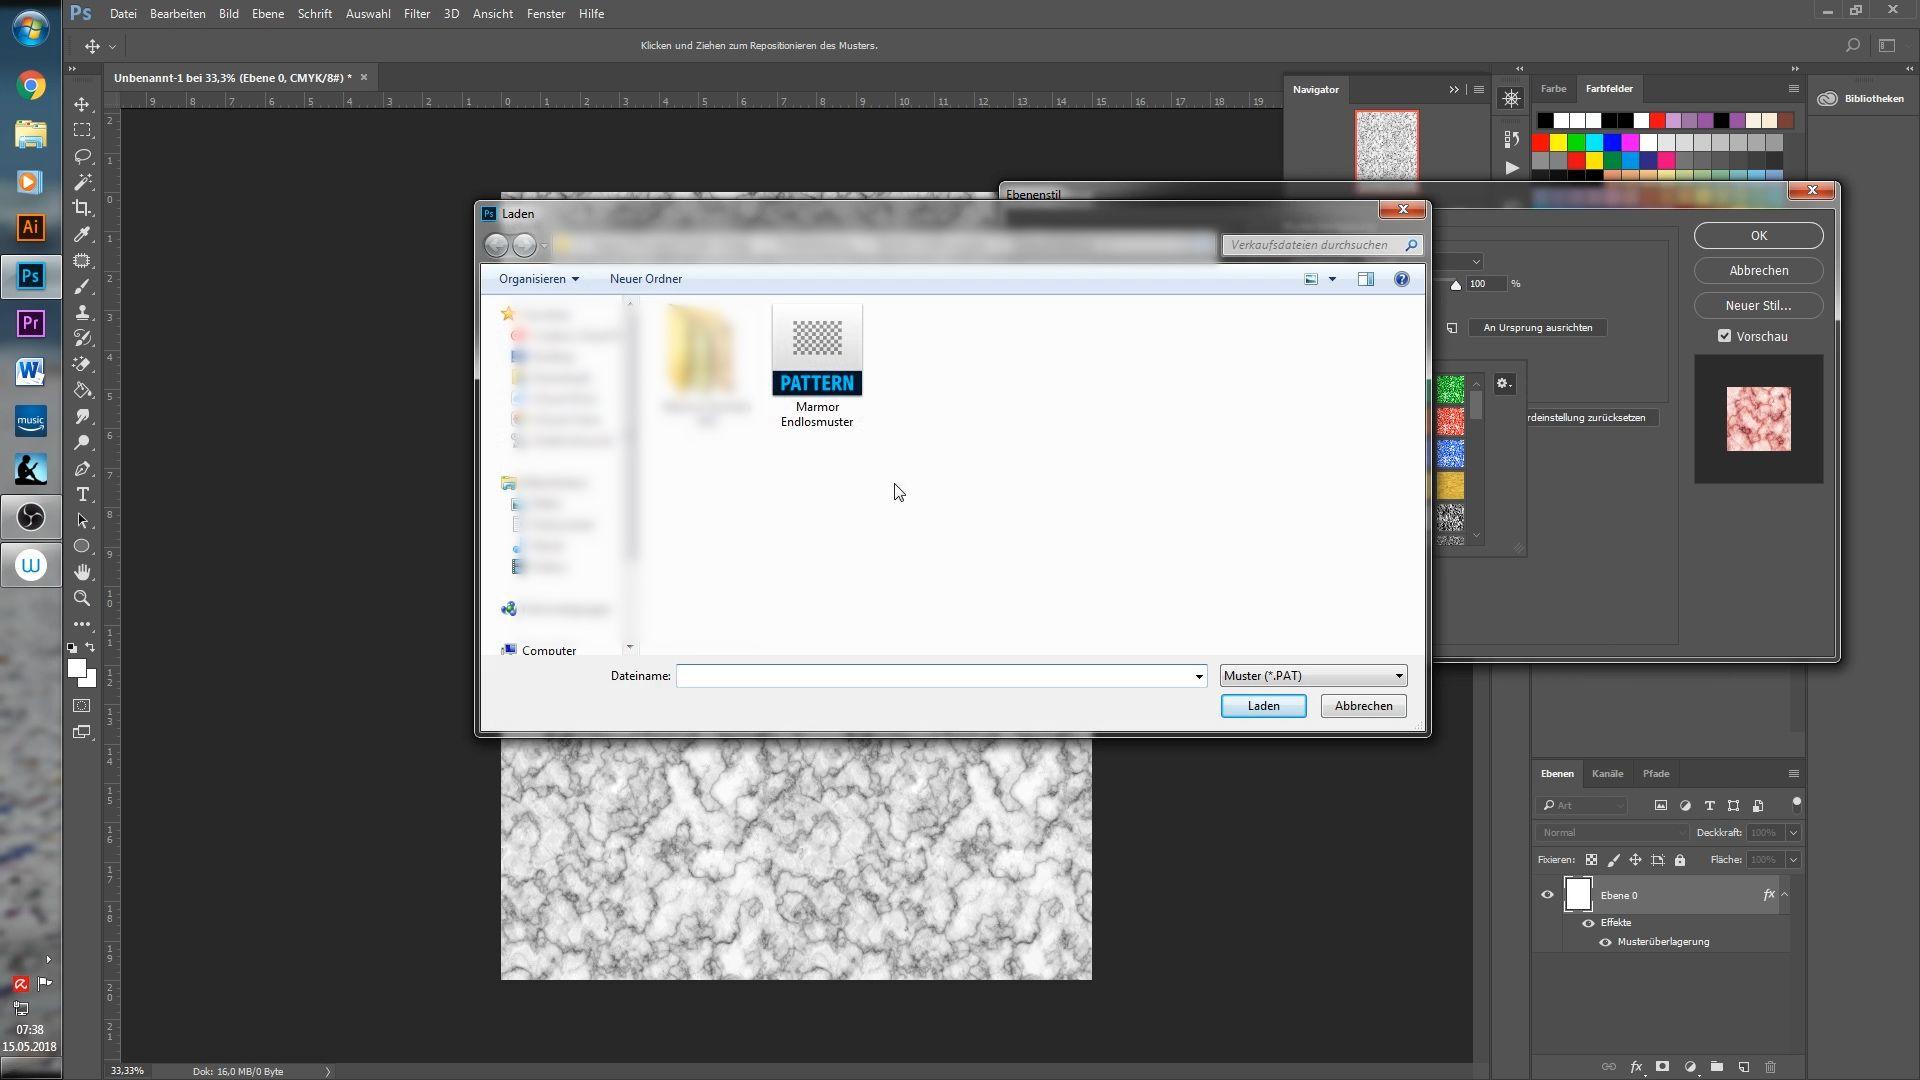 Pat Datei In Photoshop Einfugen Photoshop Shops Anleitungen